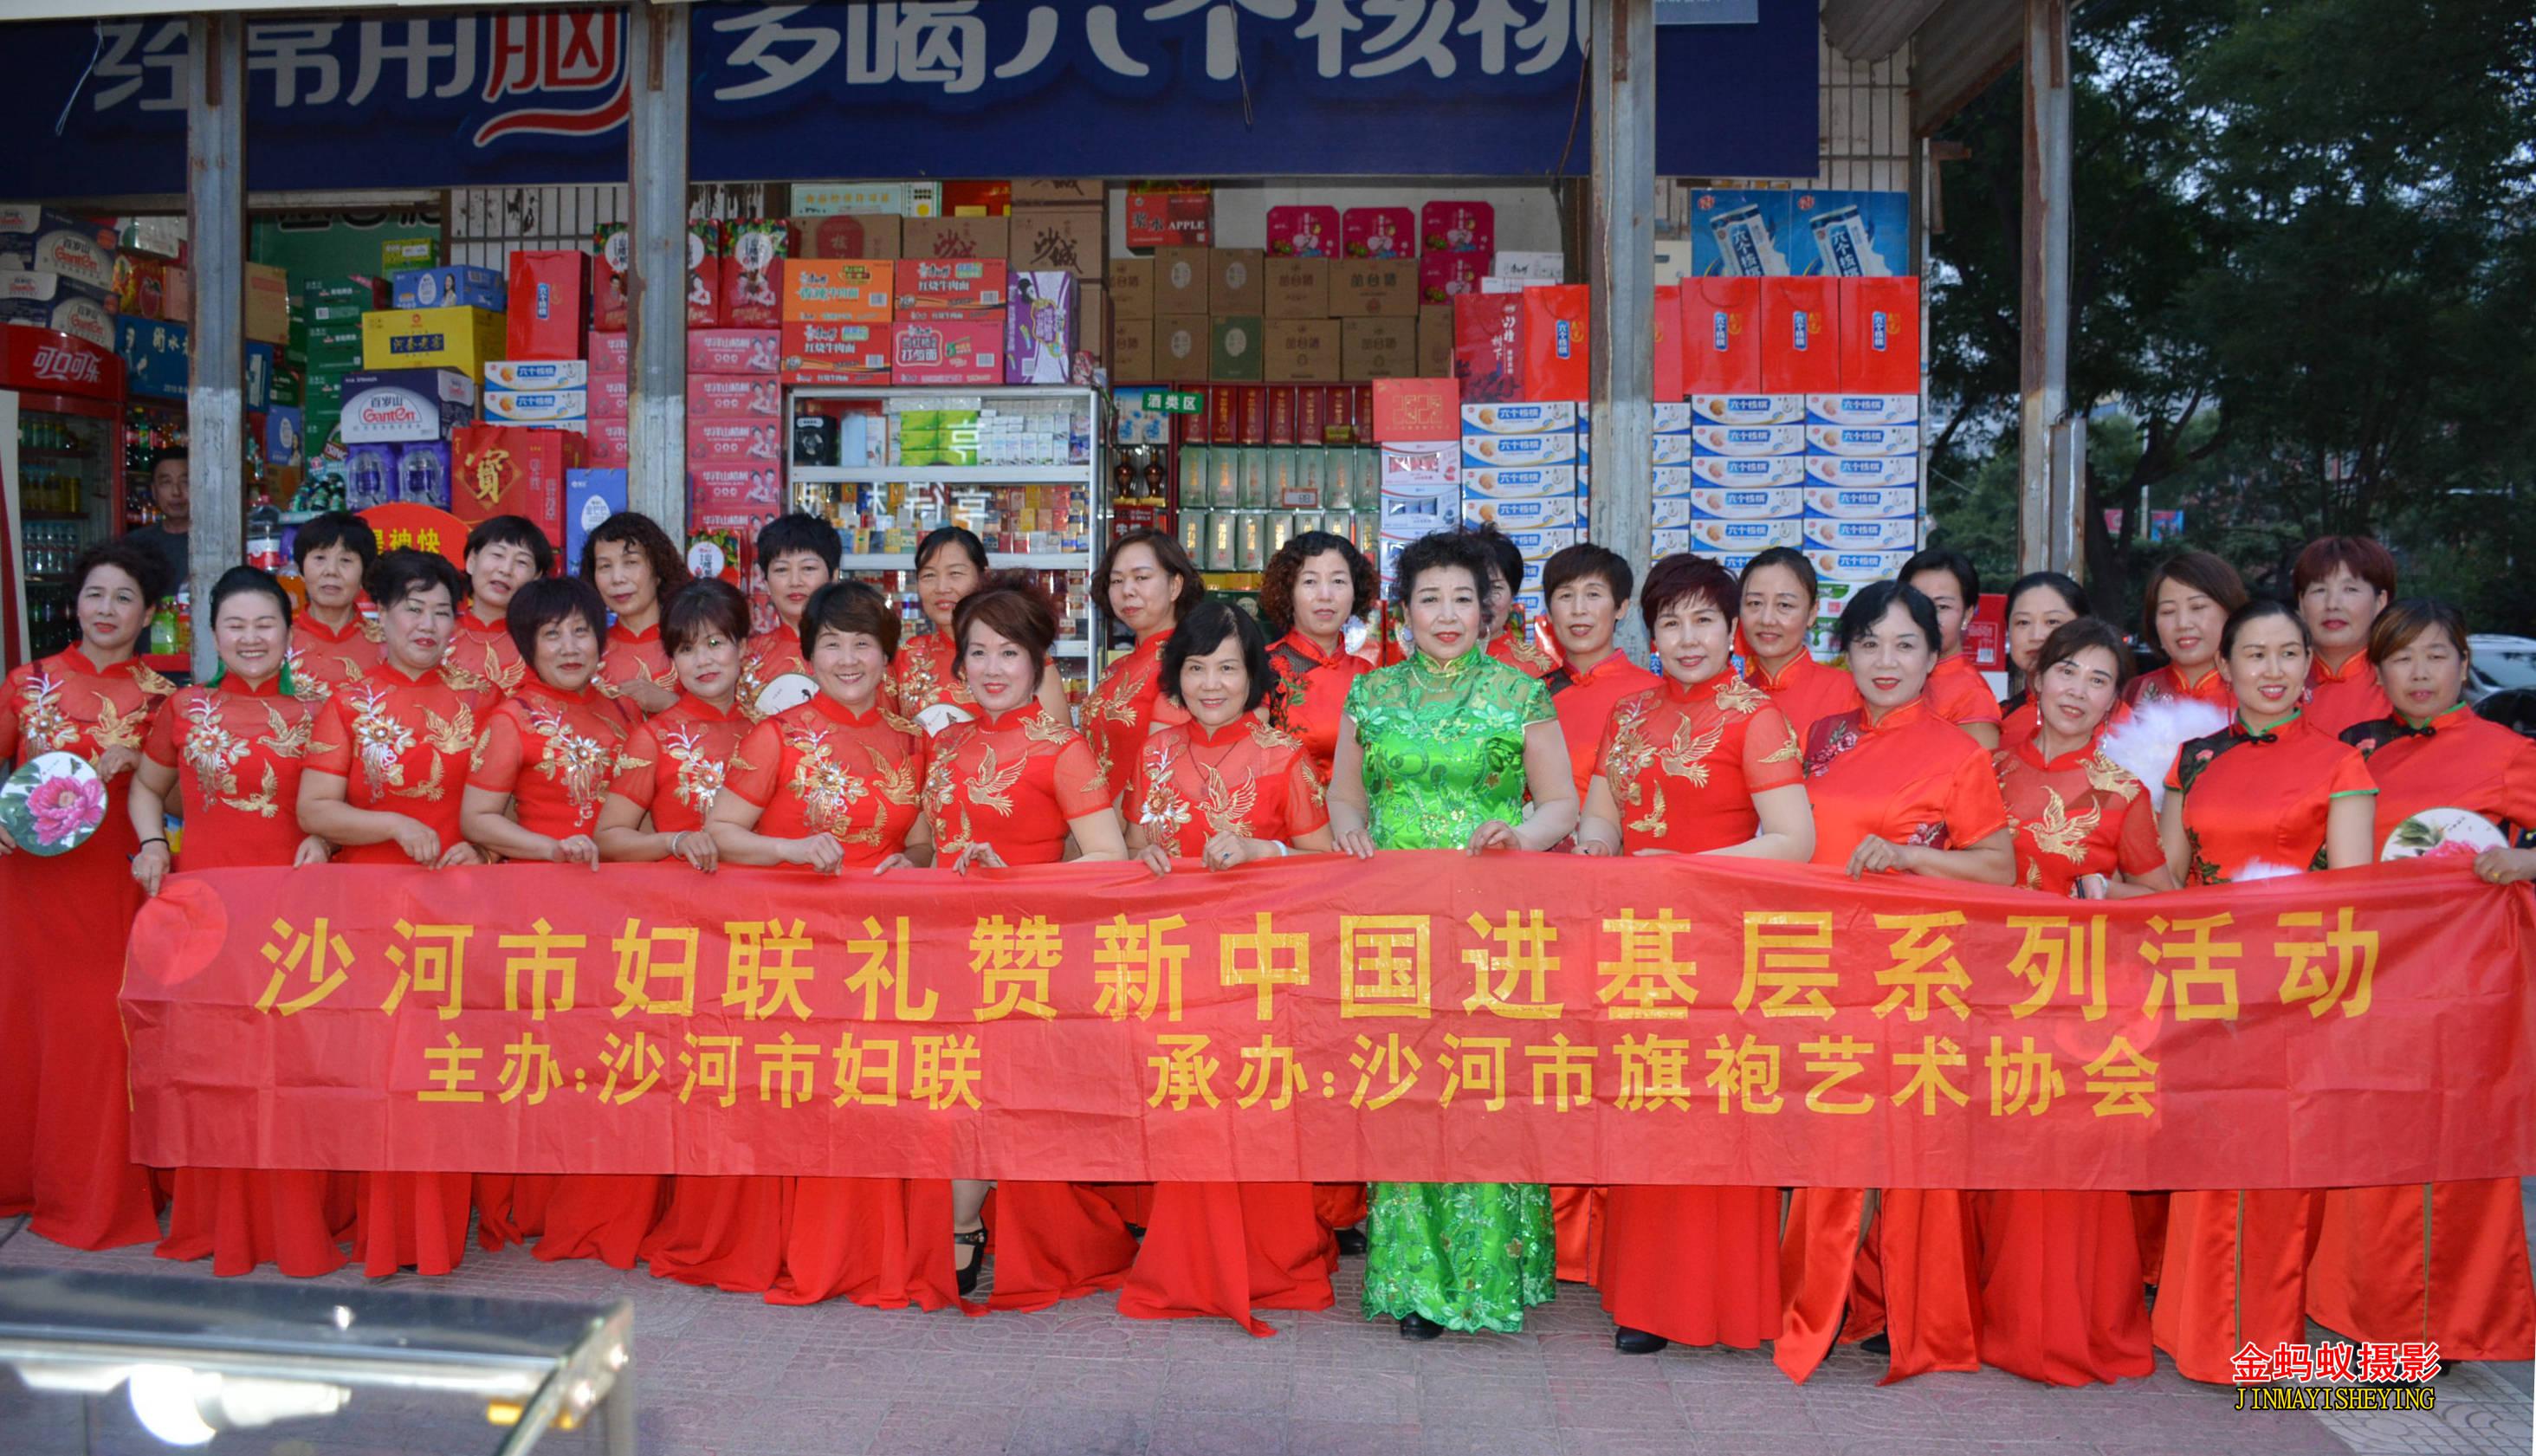 """沙河市旗袍艺术协会举办""""迎端午""""""""庆七一""""美女走秀公益活动"""